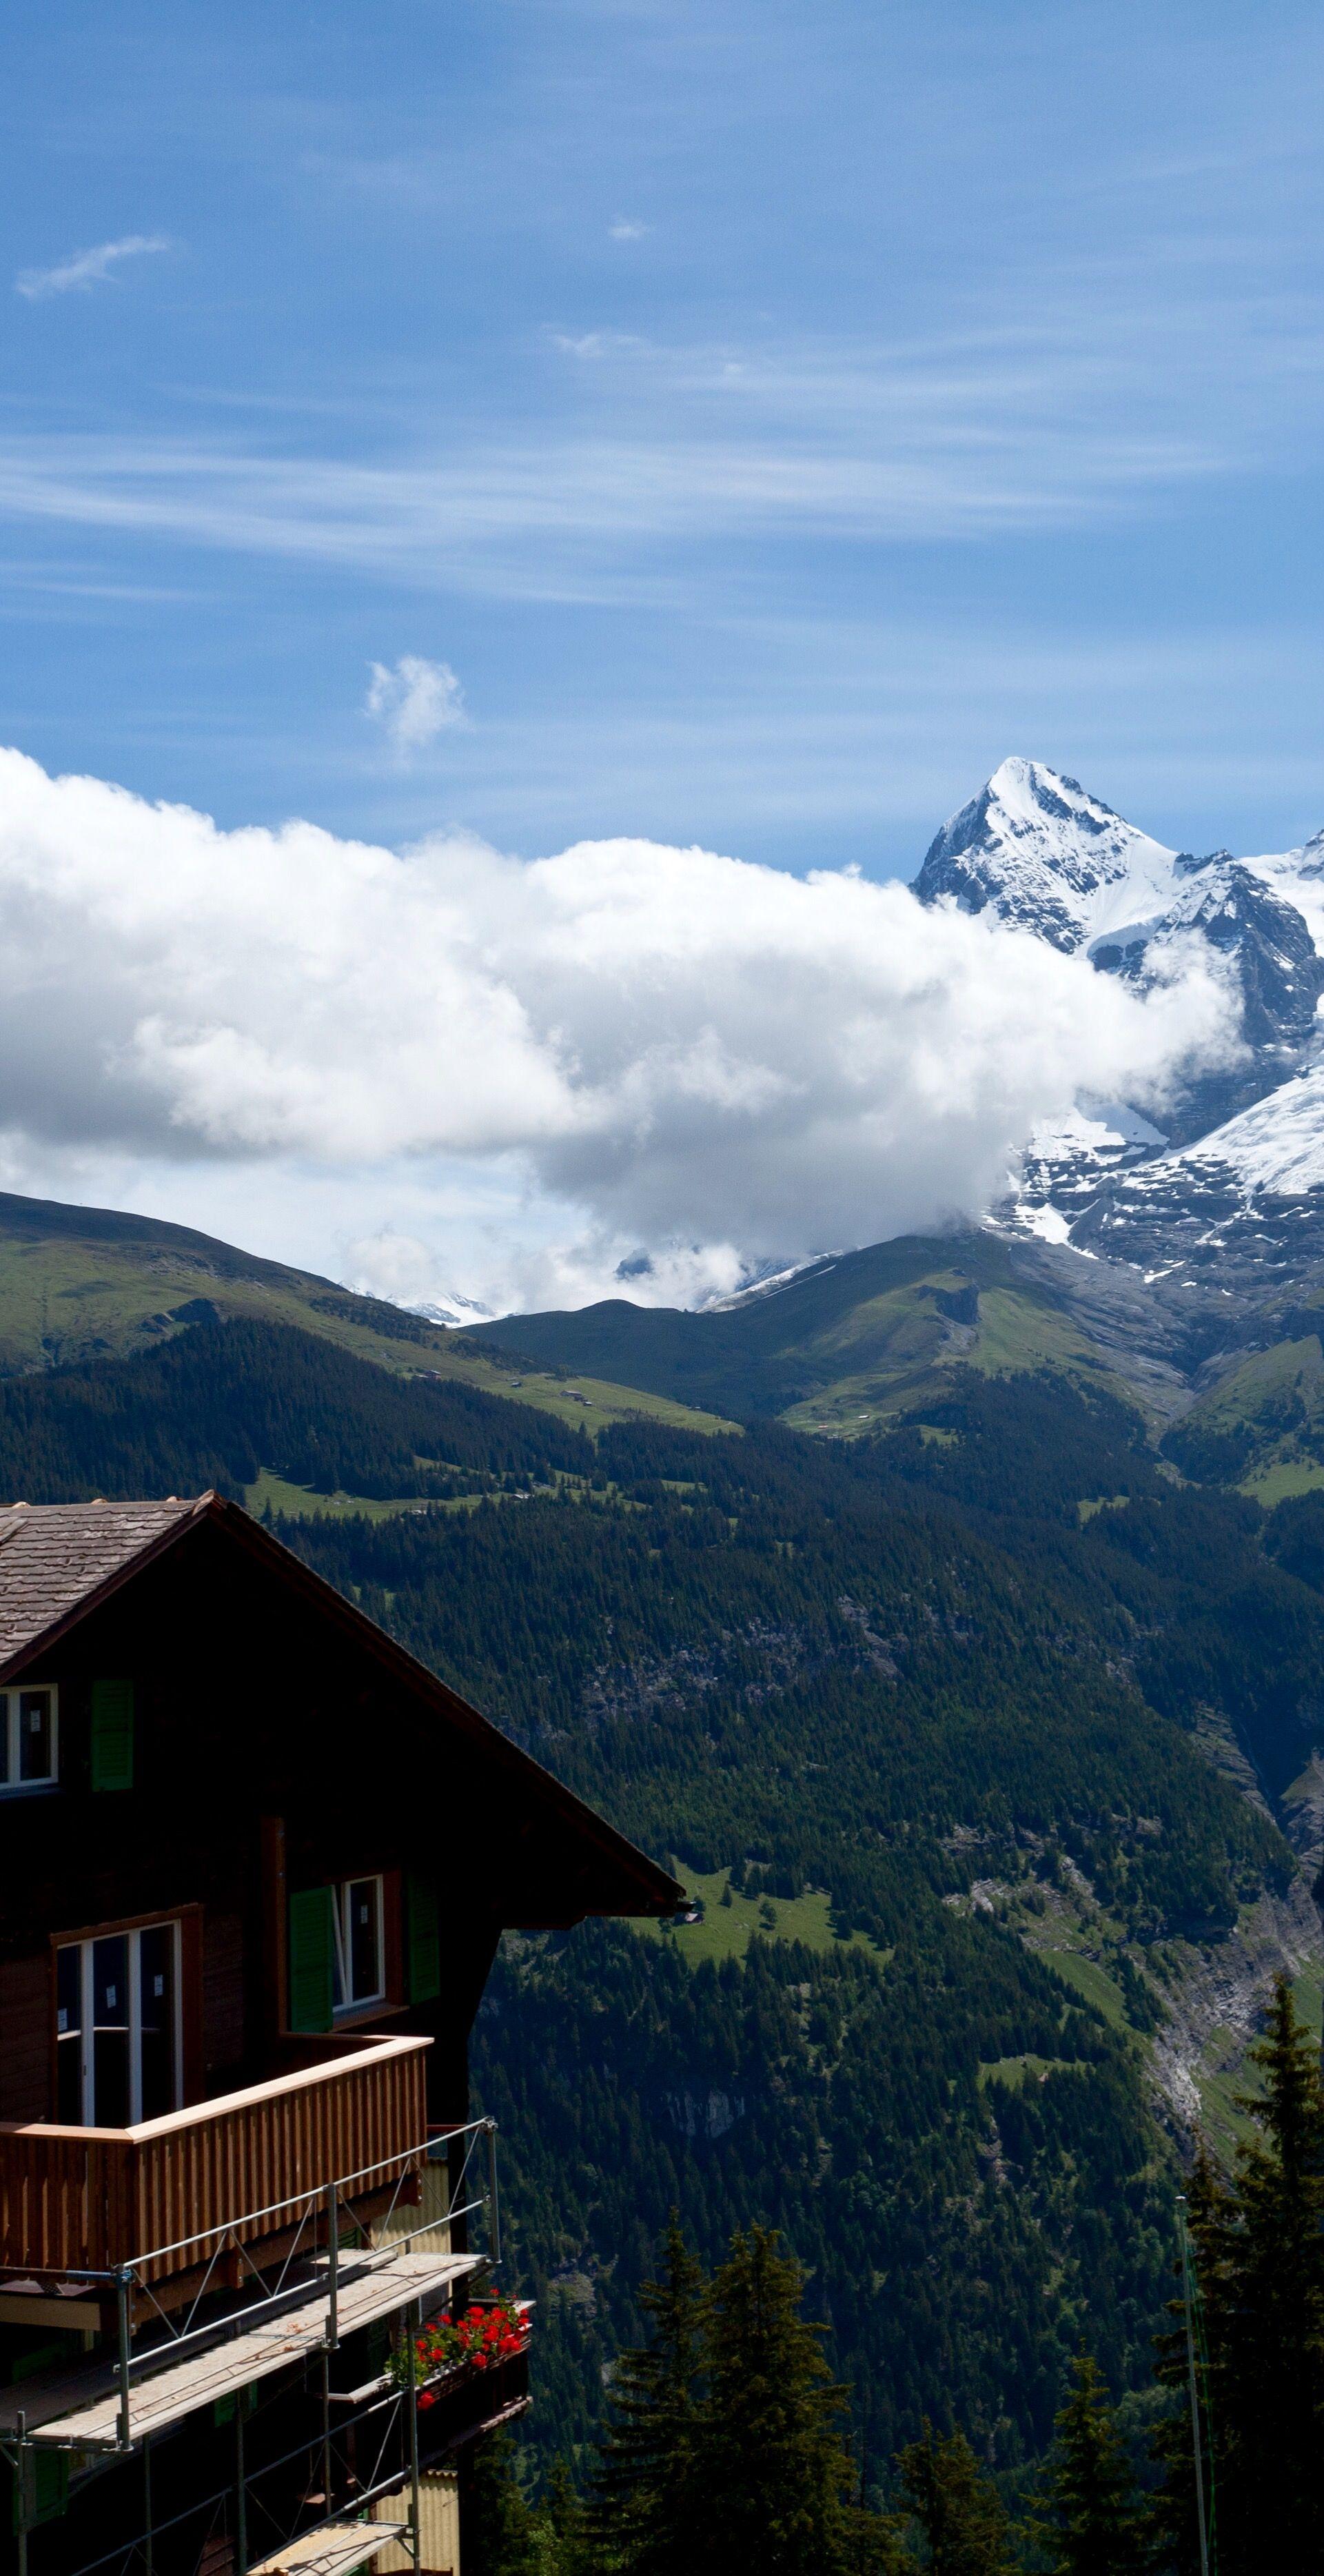 Mürren Day 8 Of The Rick Steves Best Switzerland Tour